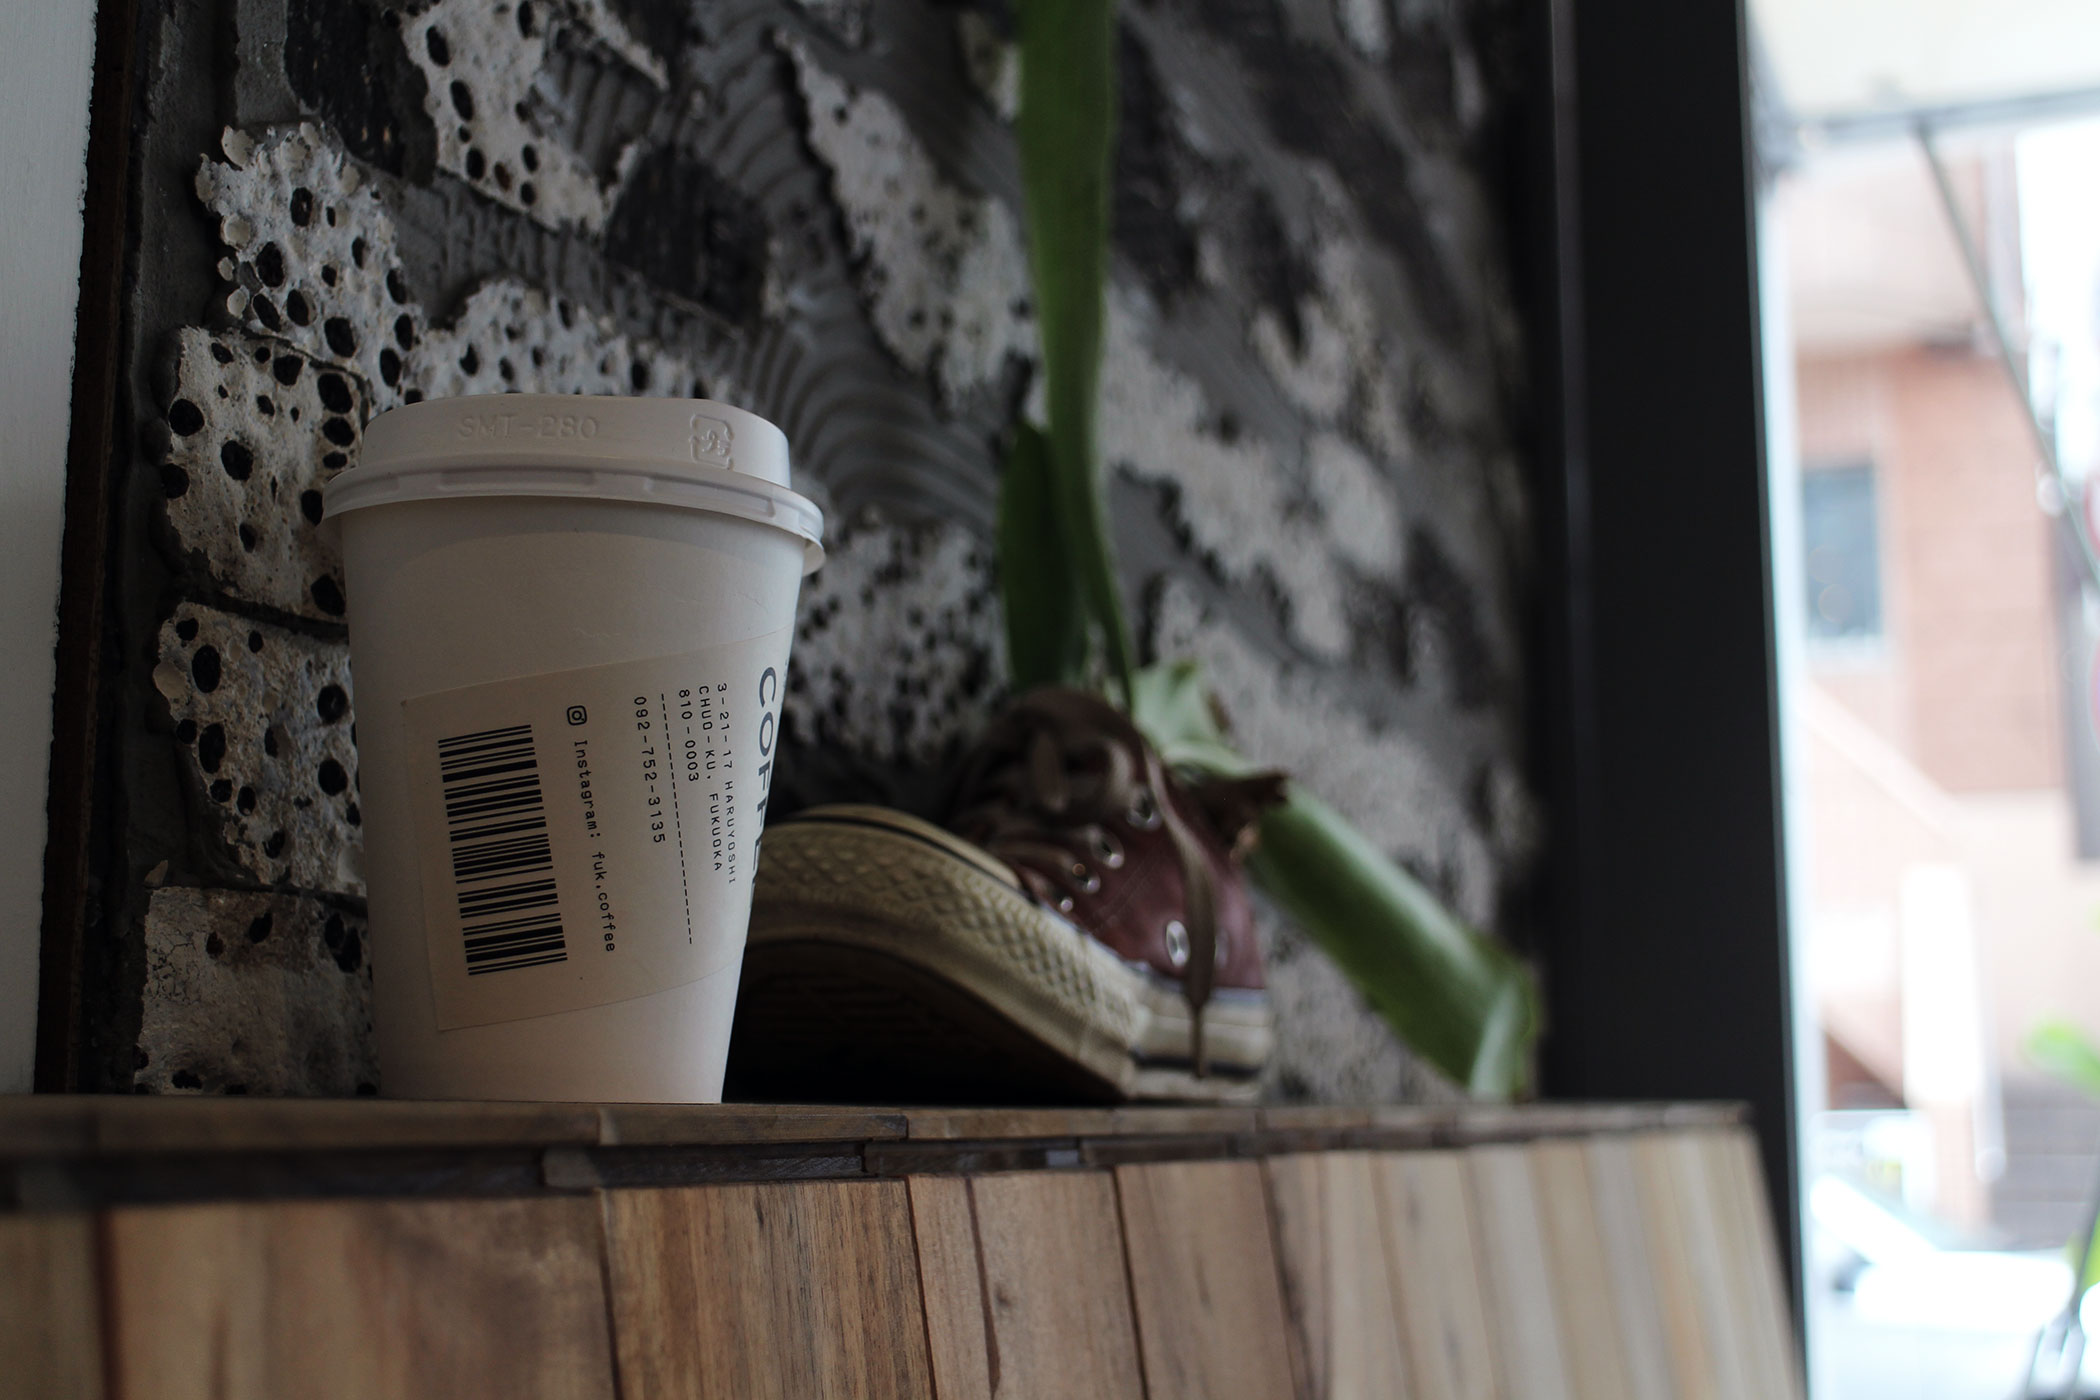 2017年9月に追加したショップ FUK COFFEE フックコーヒー 福岡